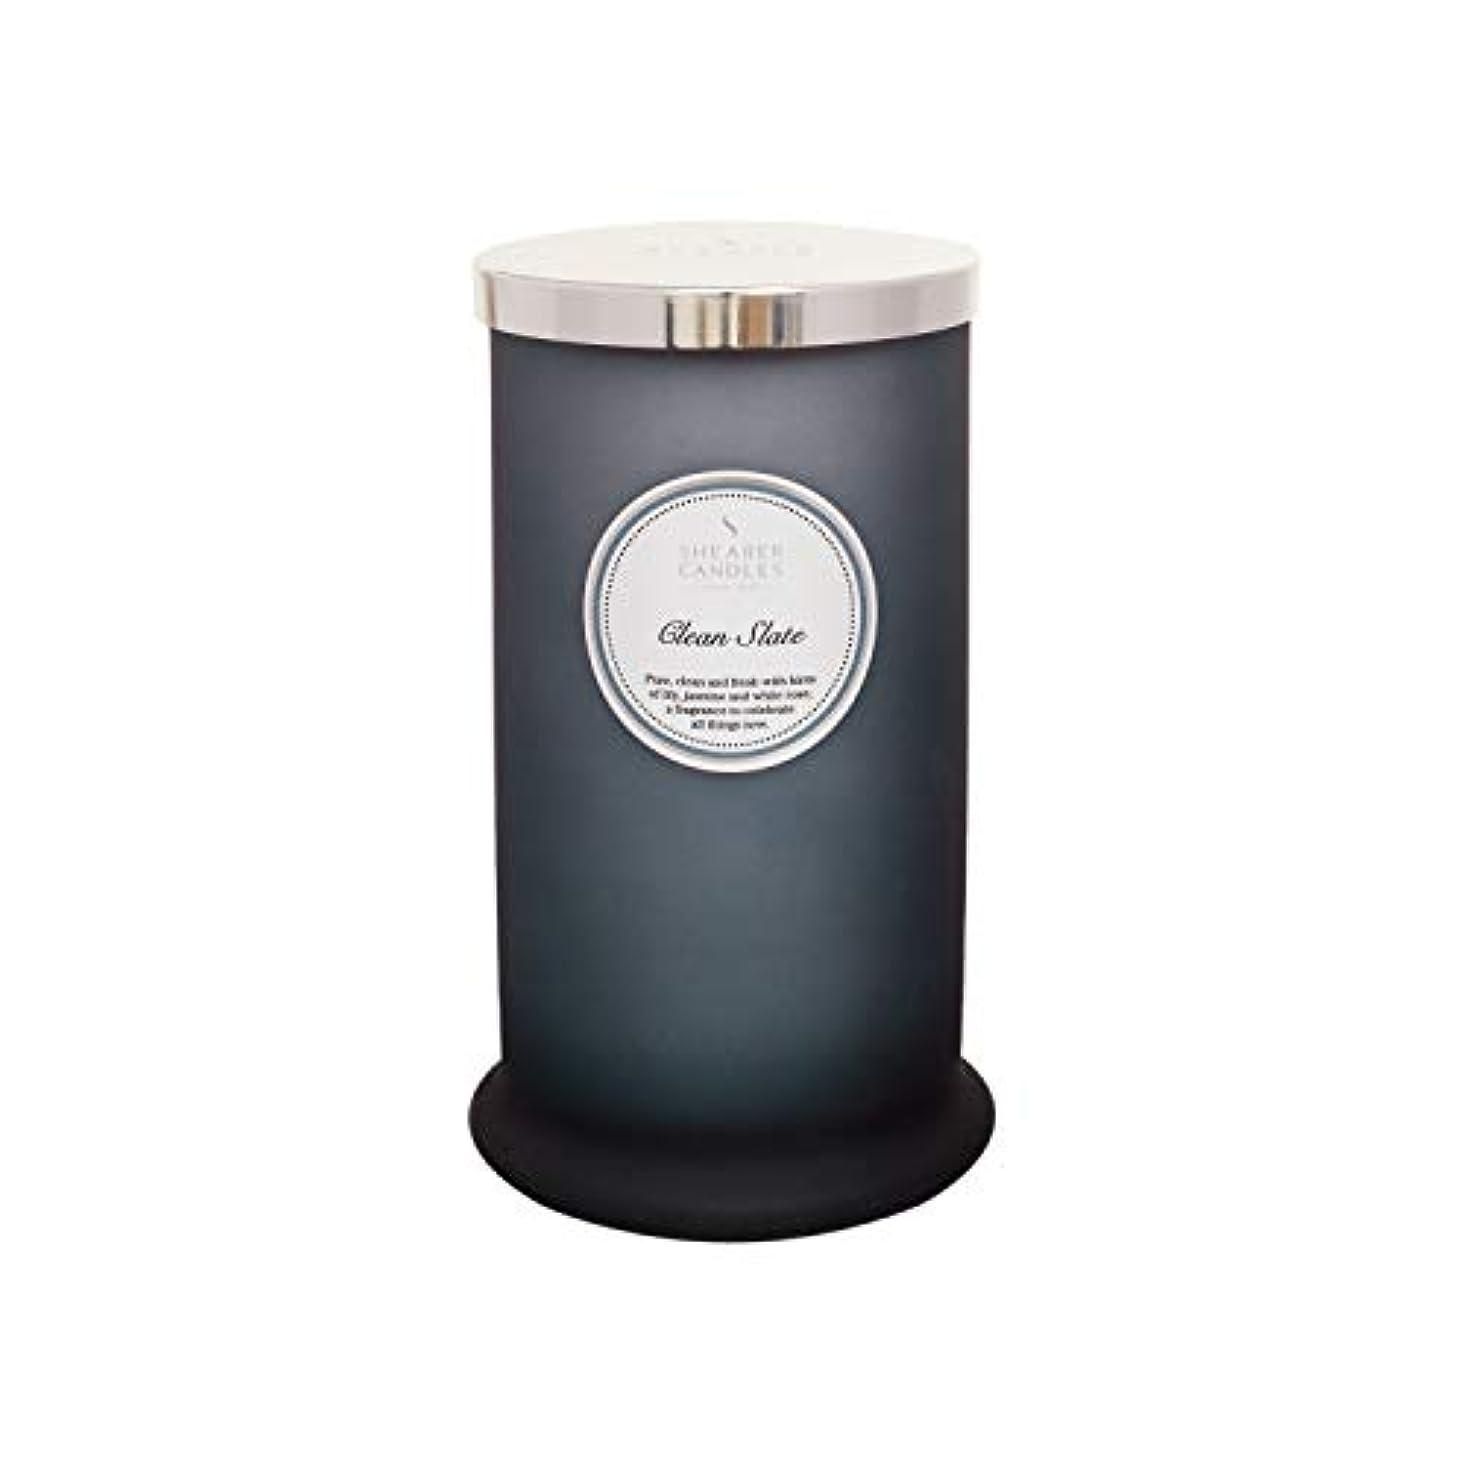 プレートひねり気がついてShearer キャンドル クリーンスレート 香り付き トールピラージャーキャンドル コットン芯 フレグランス&エッセンシャルオイル グレー ホワイトシルバー ラージ